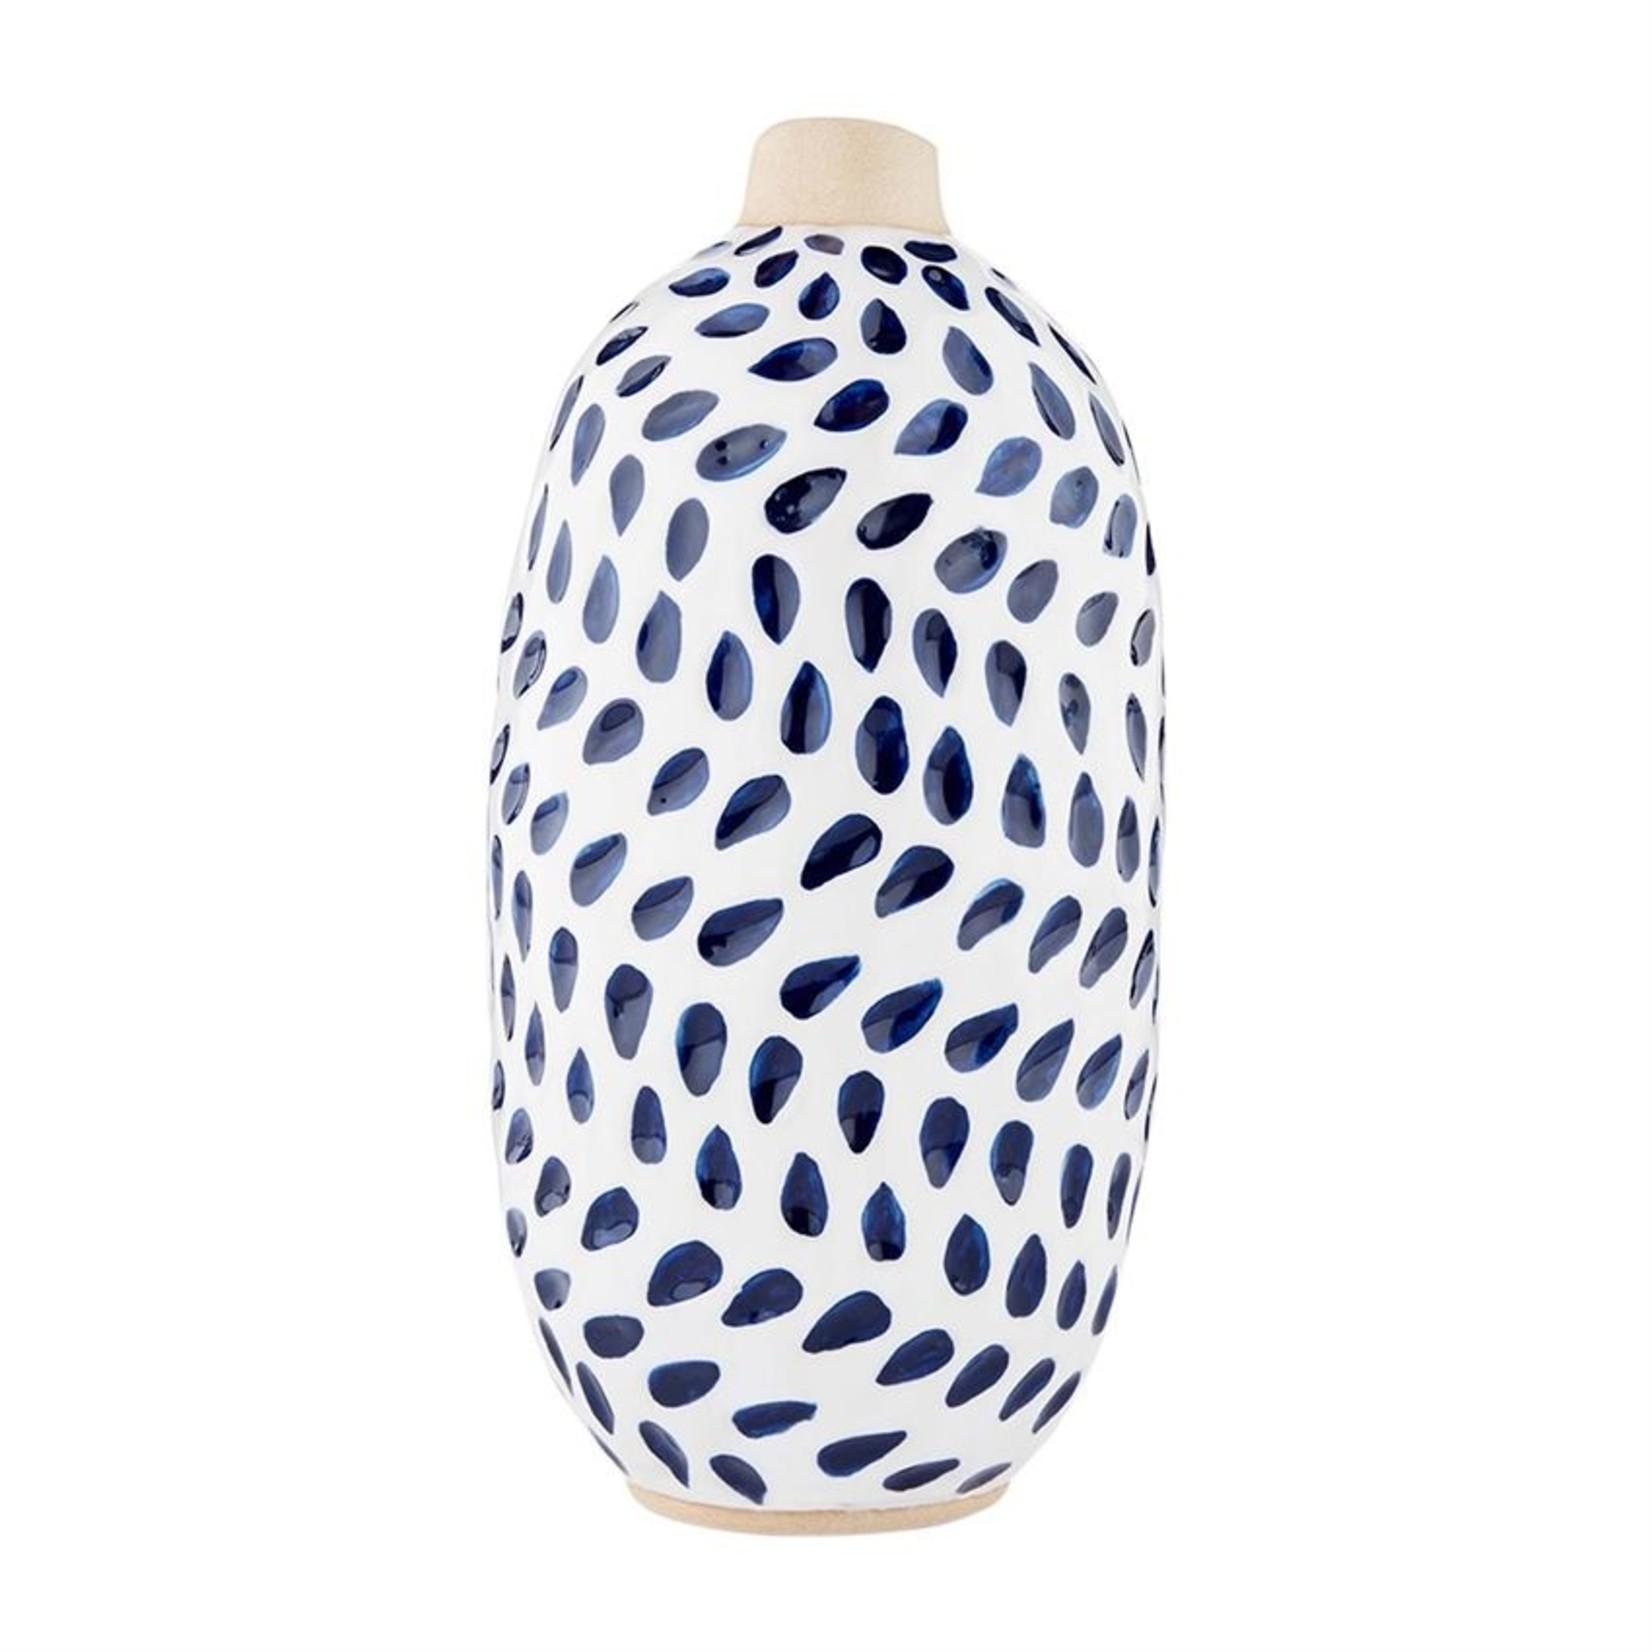 Indigo Bud Vase (Multiple Sizes)